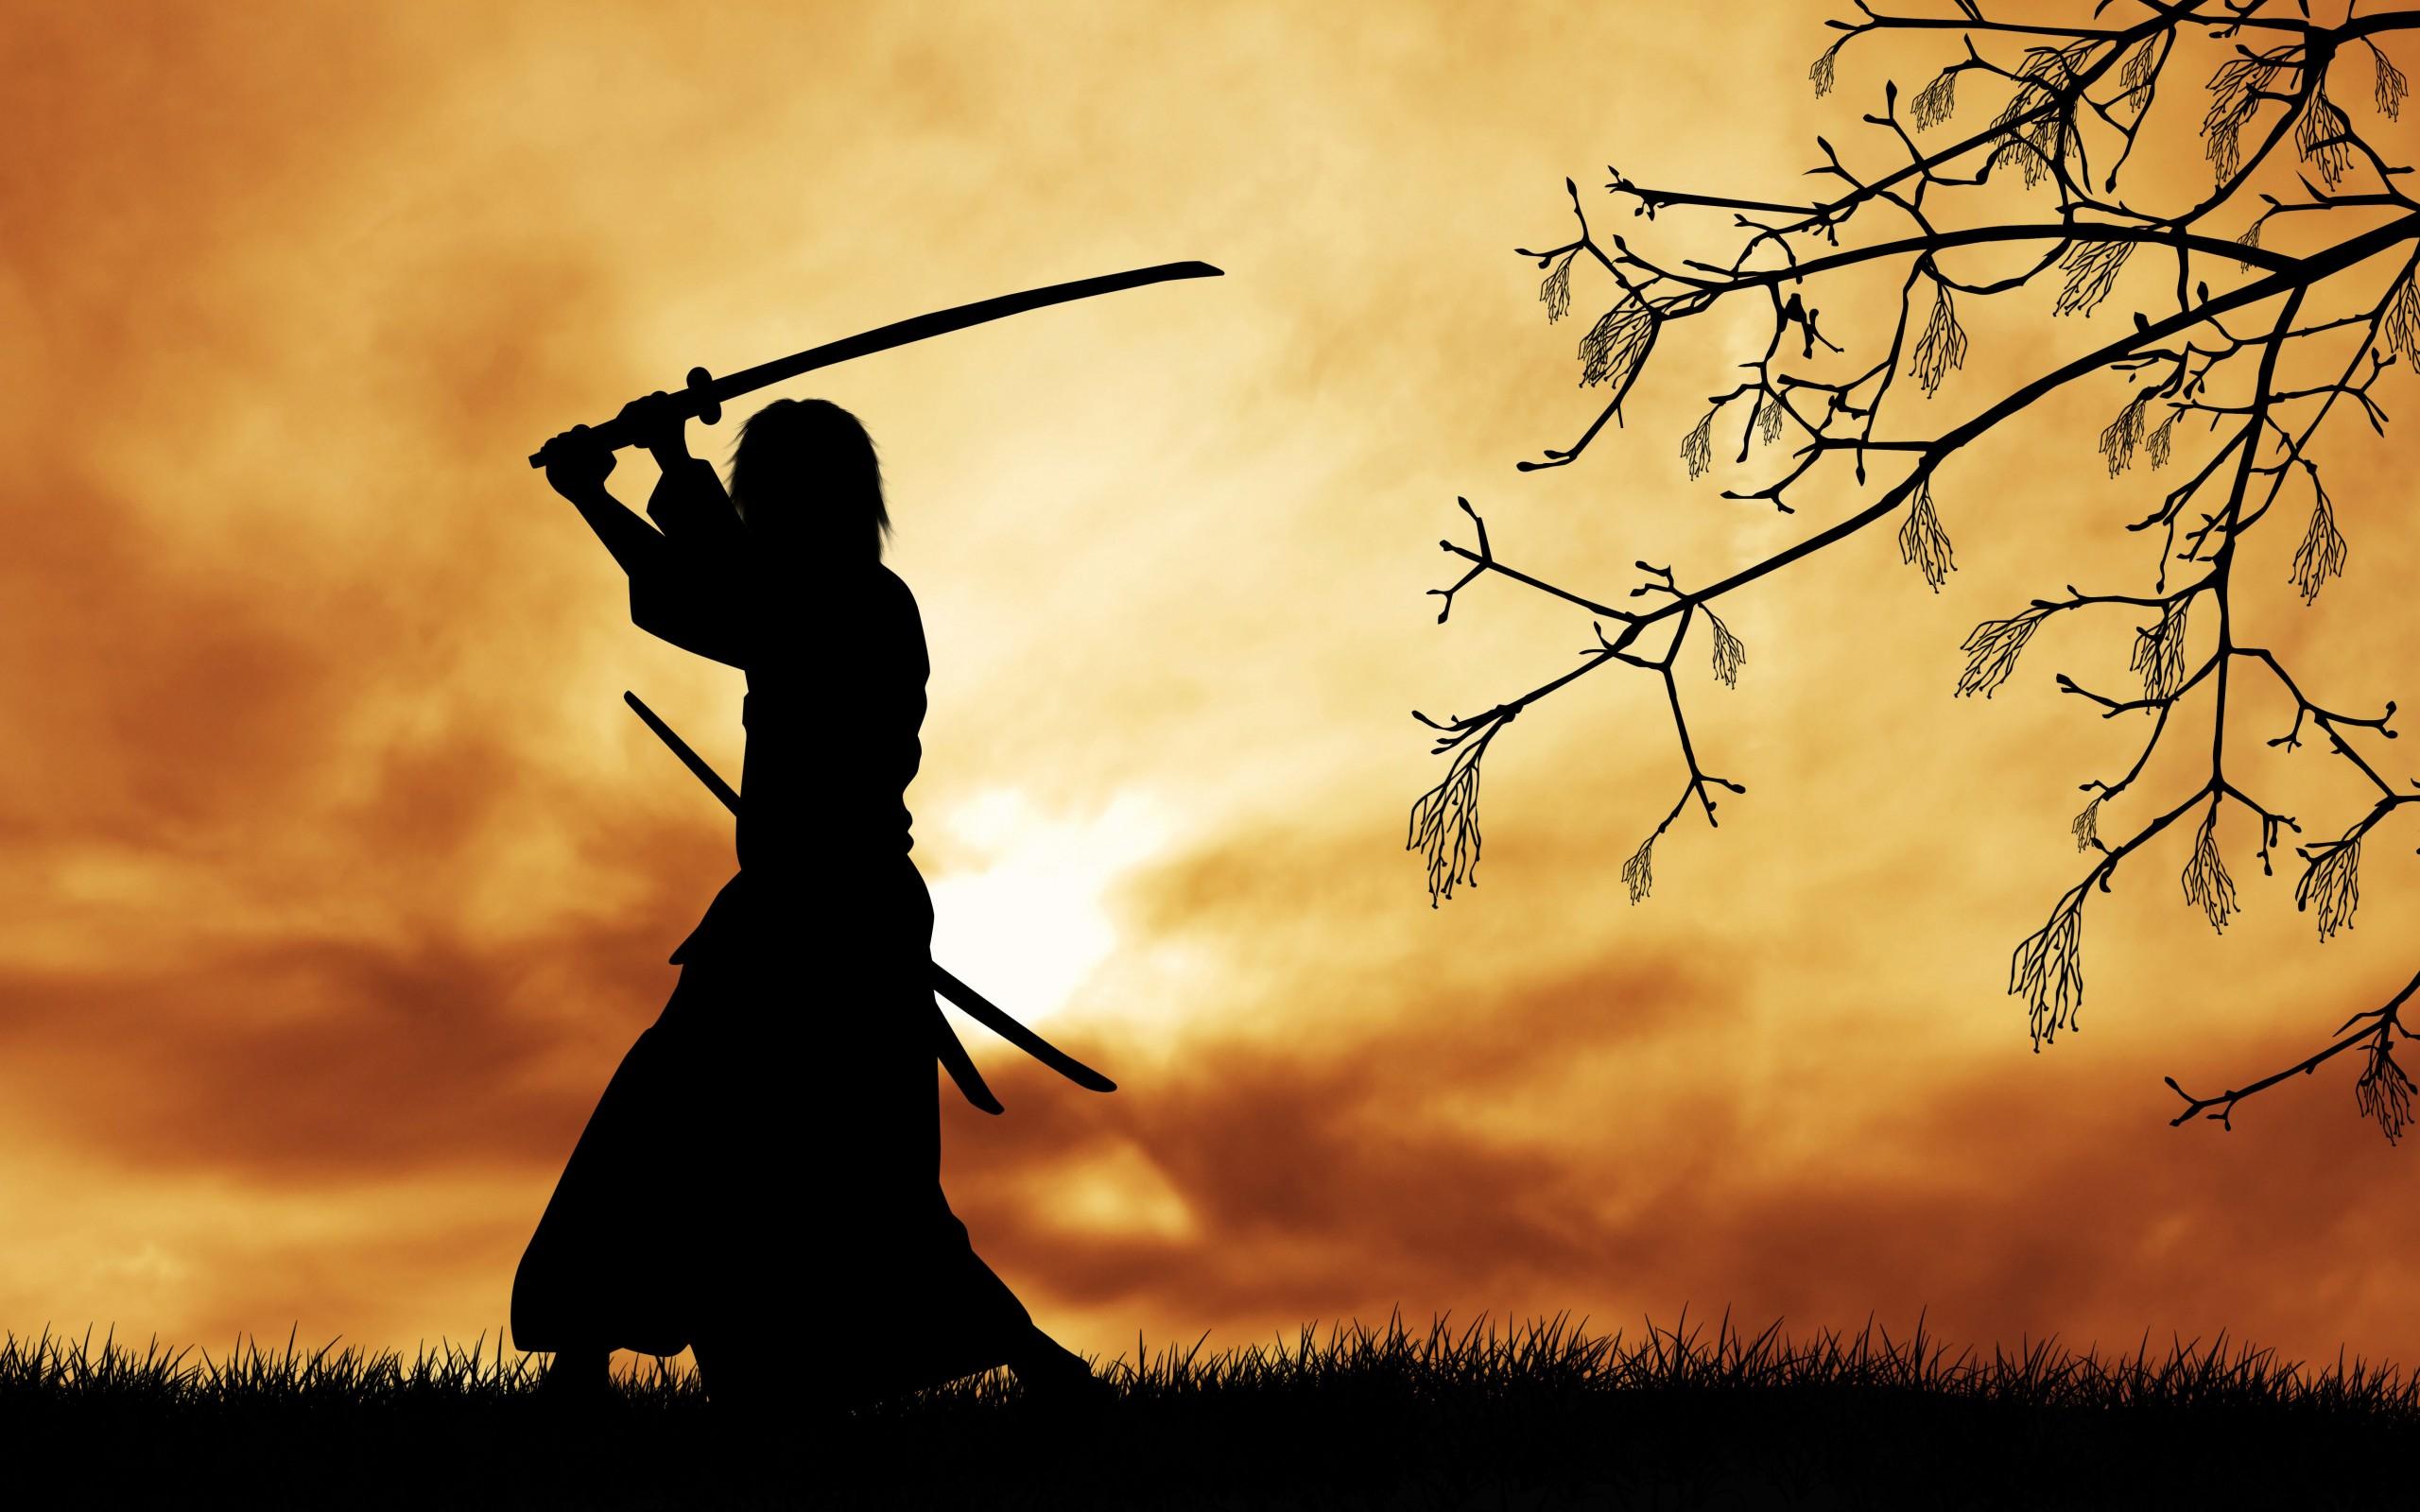 samurai wallpapers photos and desktop backgrounds up to